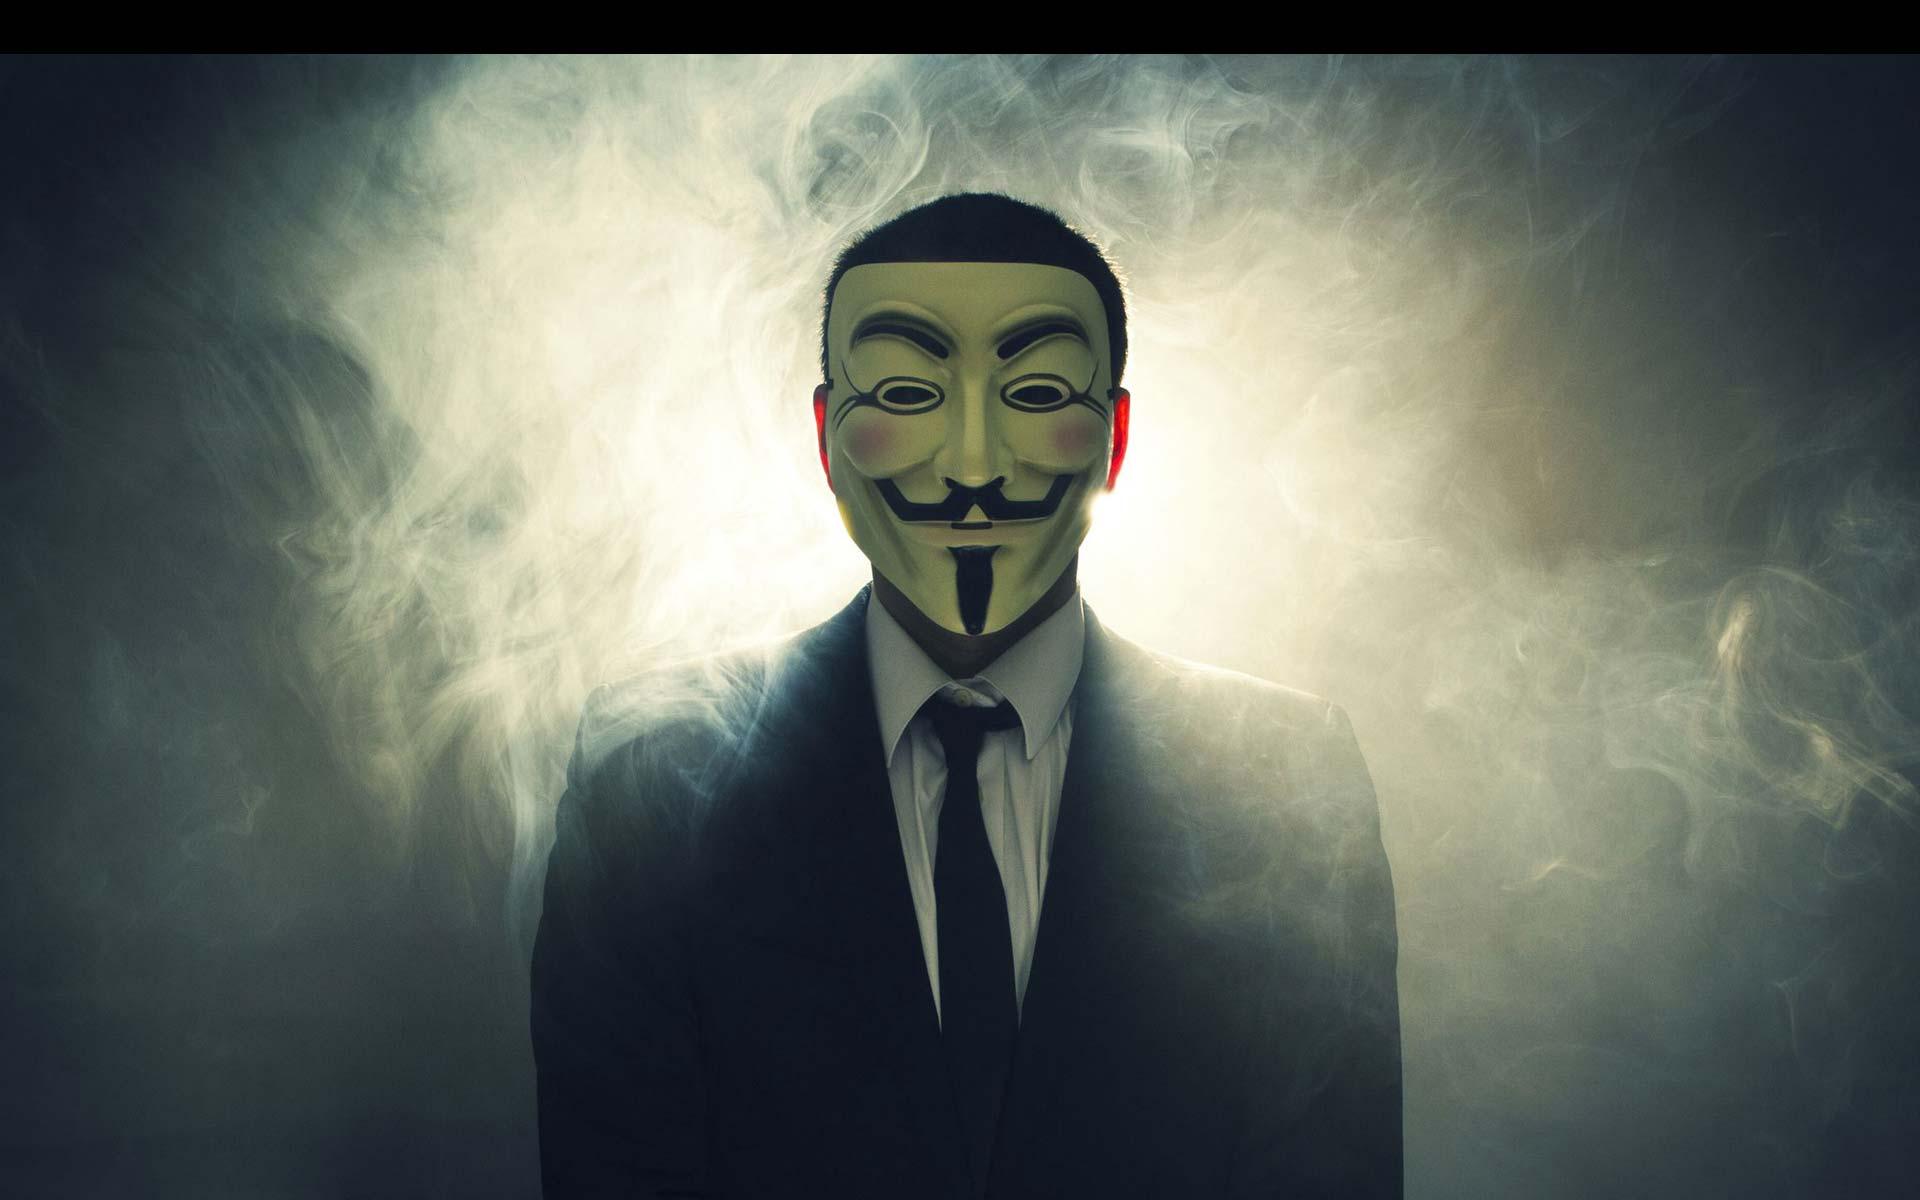 Su lucha contra el Estado Islámico continúa: ha lanzado un manual sobre cómo hackear